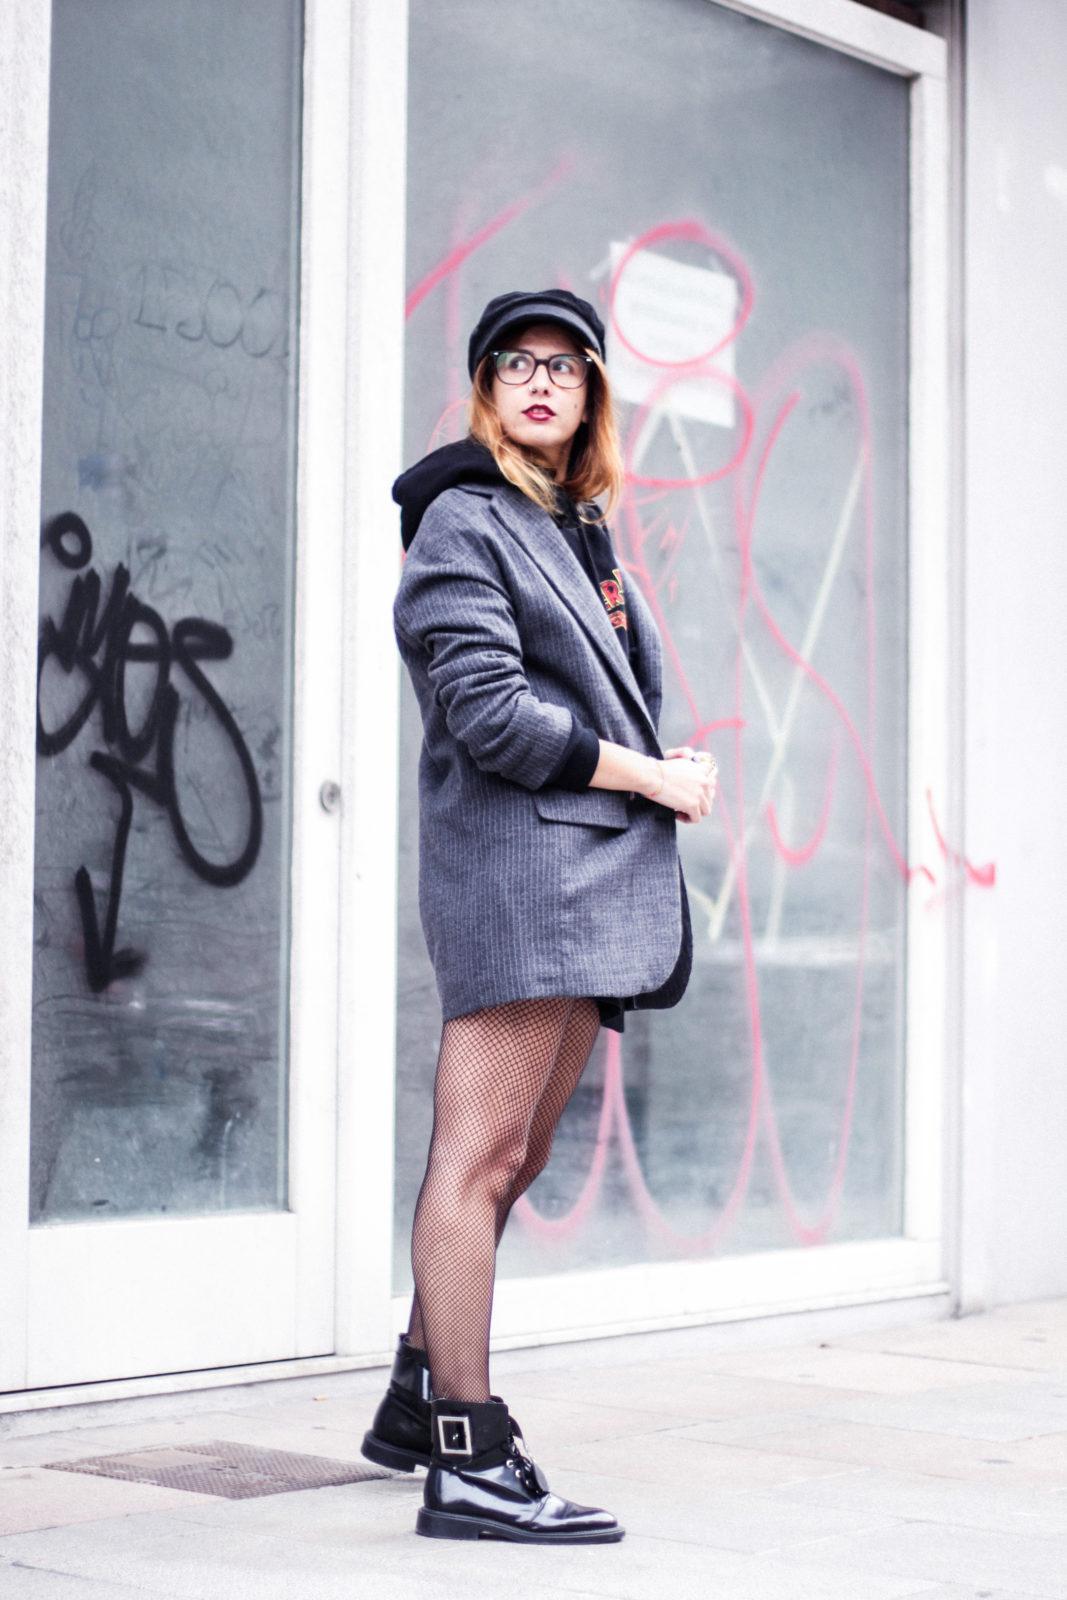 sudadera_wonder_woman_medias_de_rejilla_baker_boy_hat_gorra_marinera-35